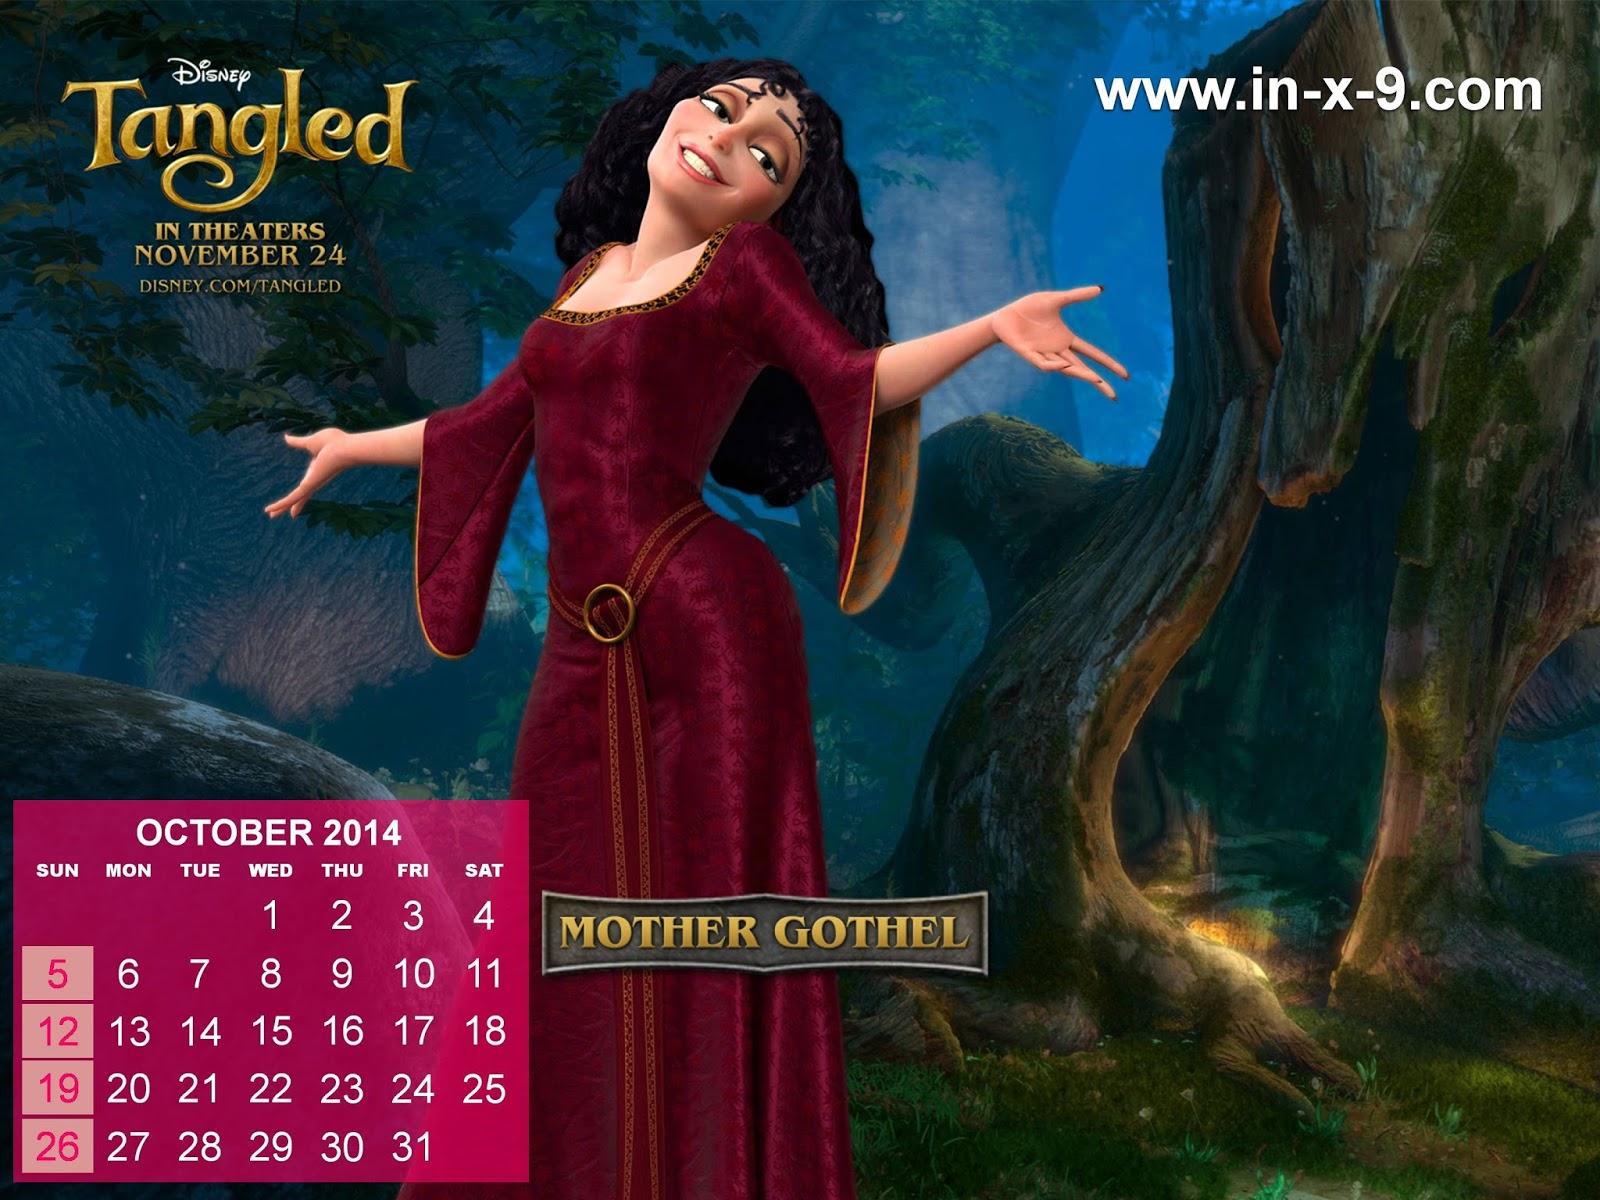 2014 hd calendar - 2014 hd 2014 calendar - in-x-9.com - malaysia